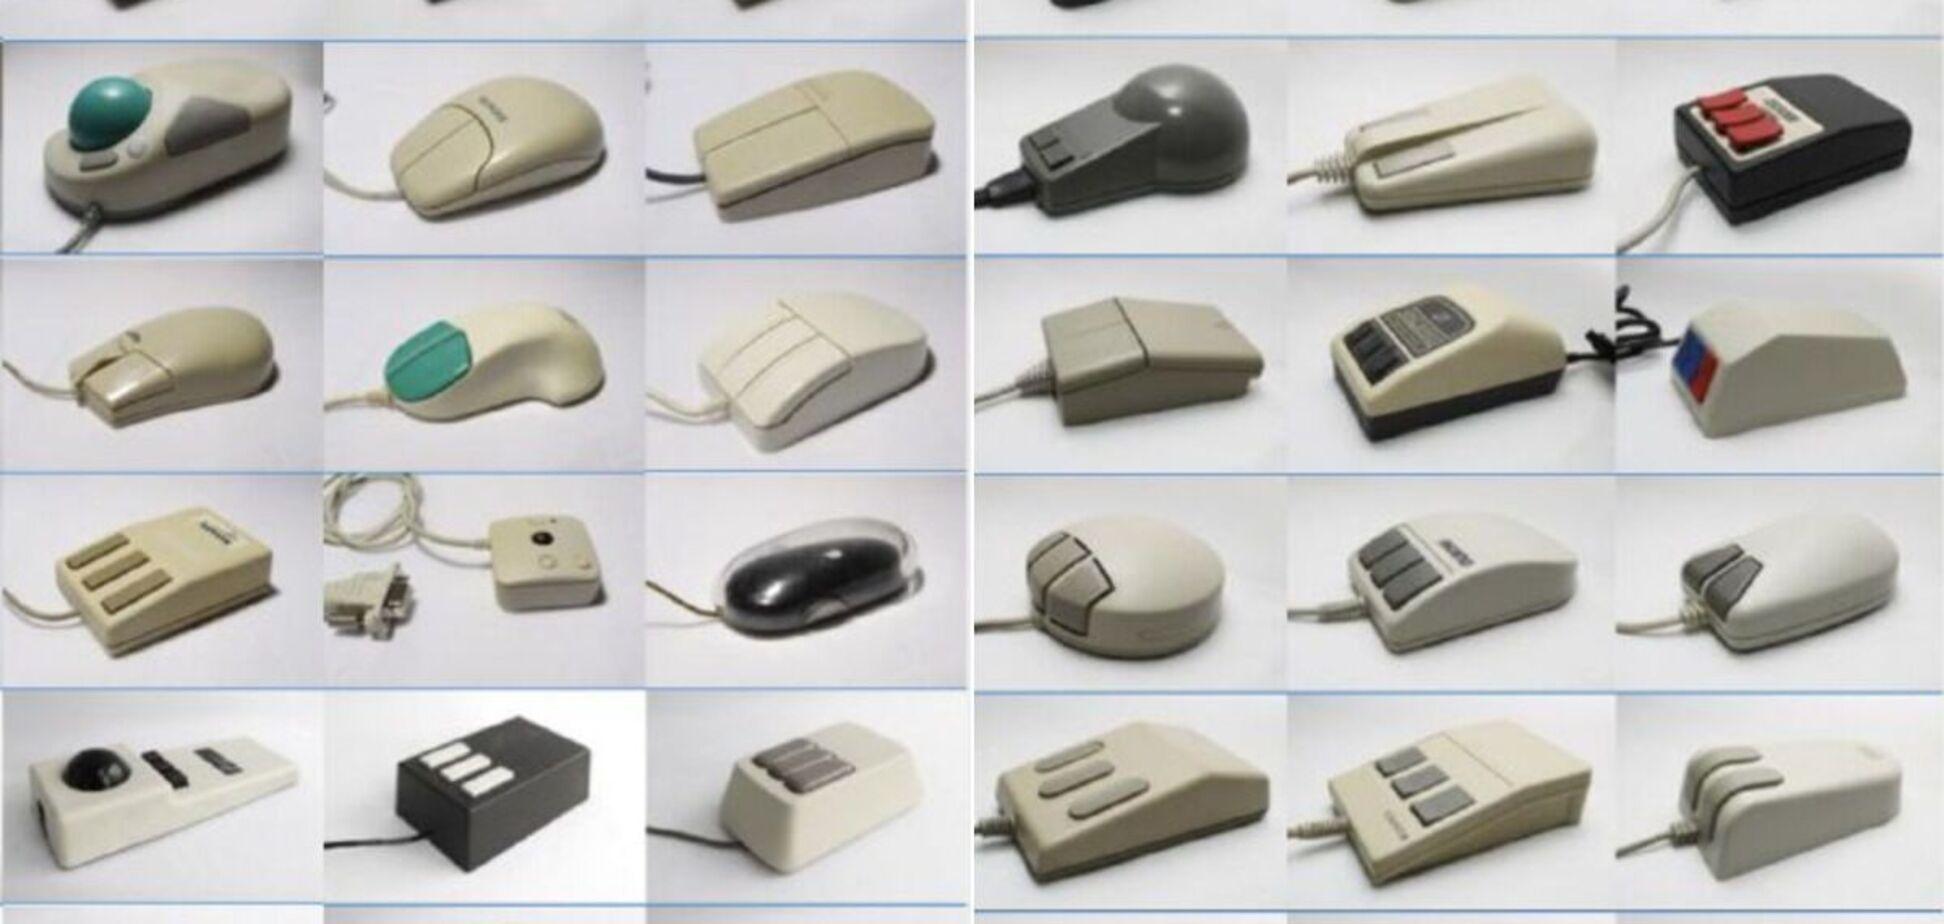 Перші серійні миші були оптичними